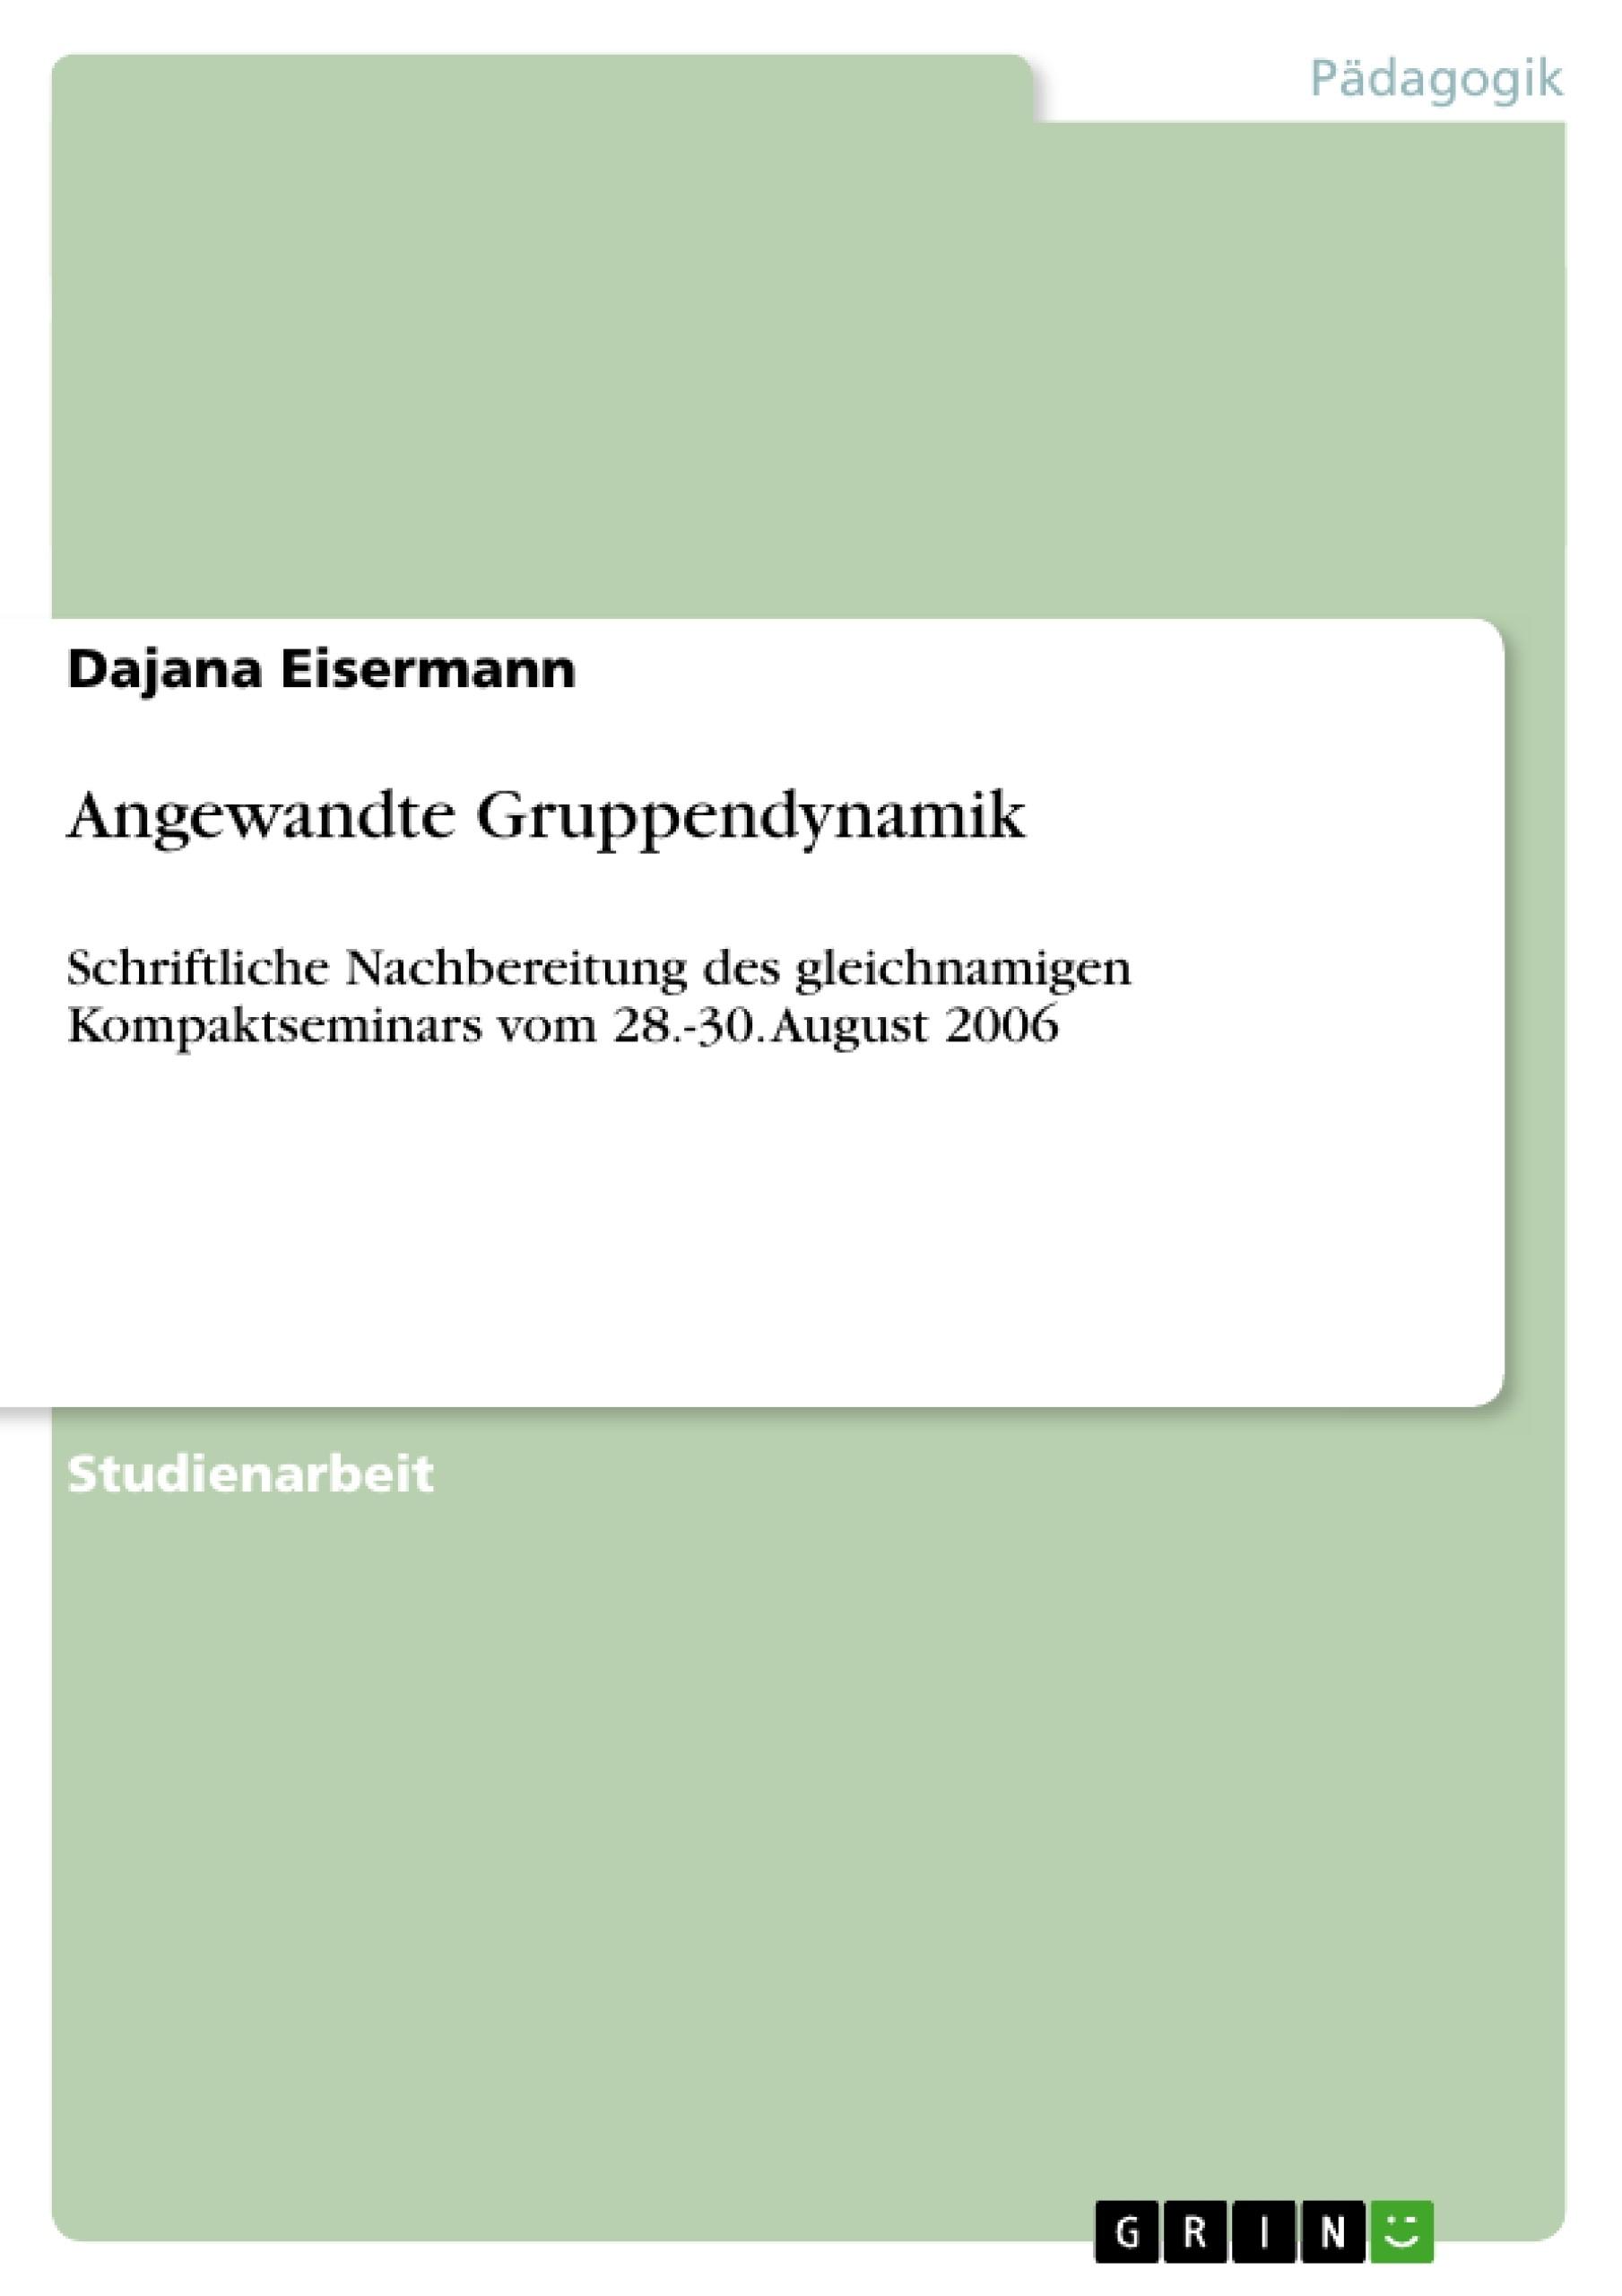 Titel: Angewandte Gruppendynamik